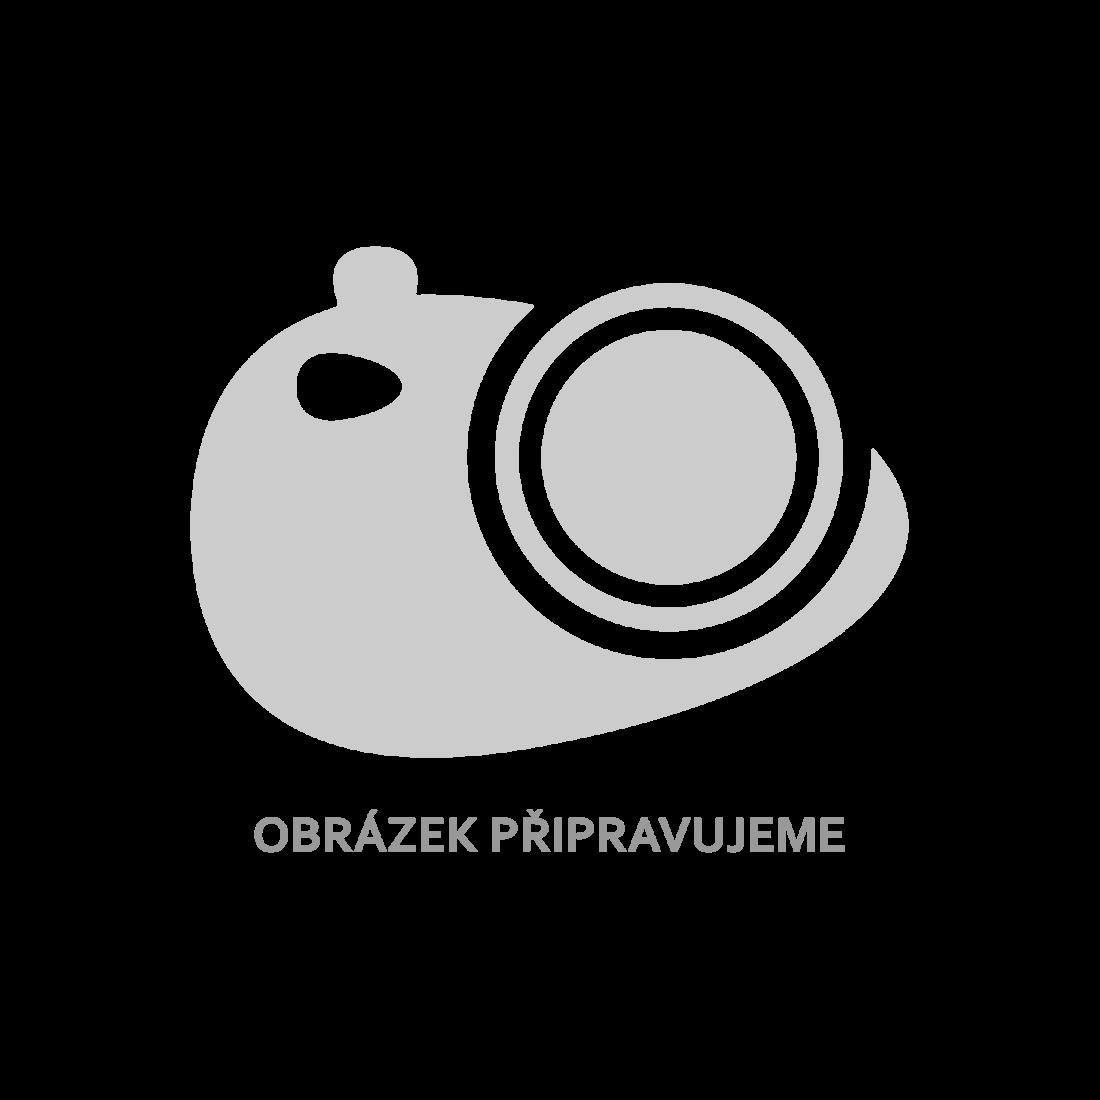 vidaXL Psací stůl betonově šedý 100 x 50 x 76 cm dřevotříska [801800]